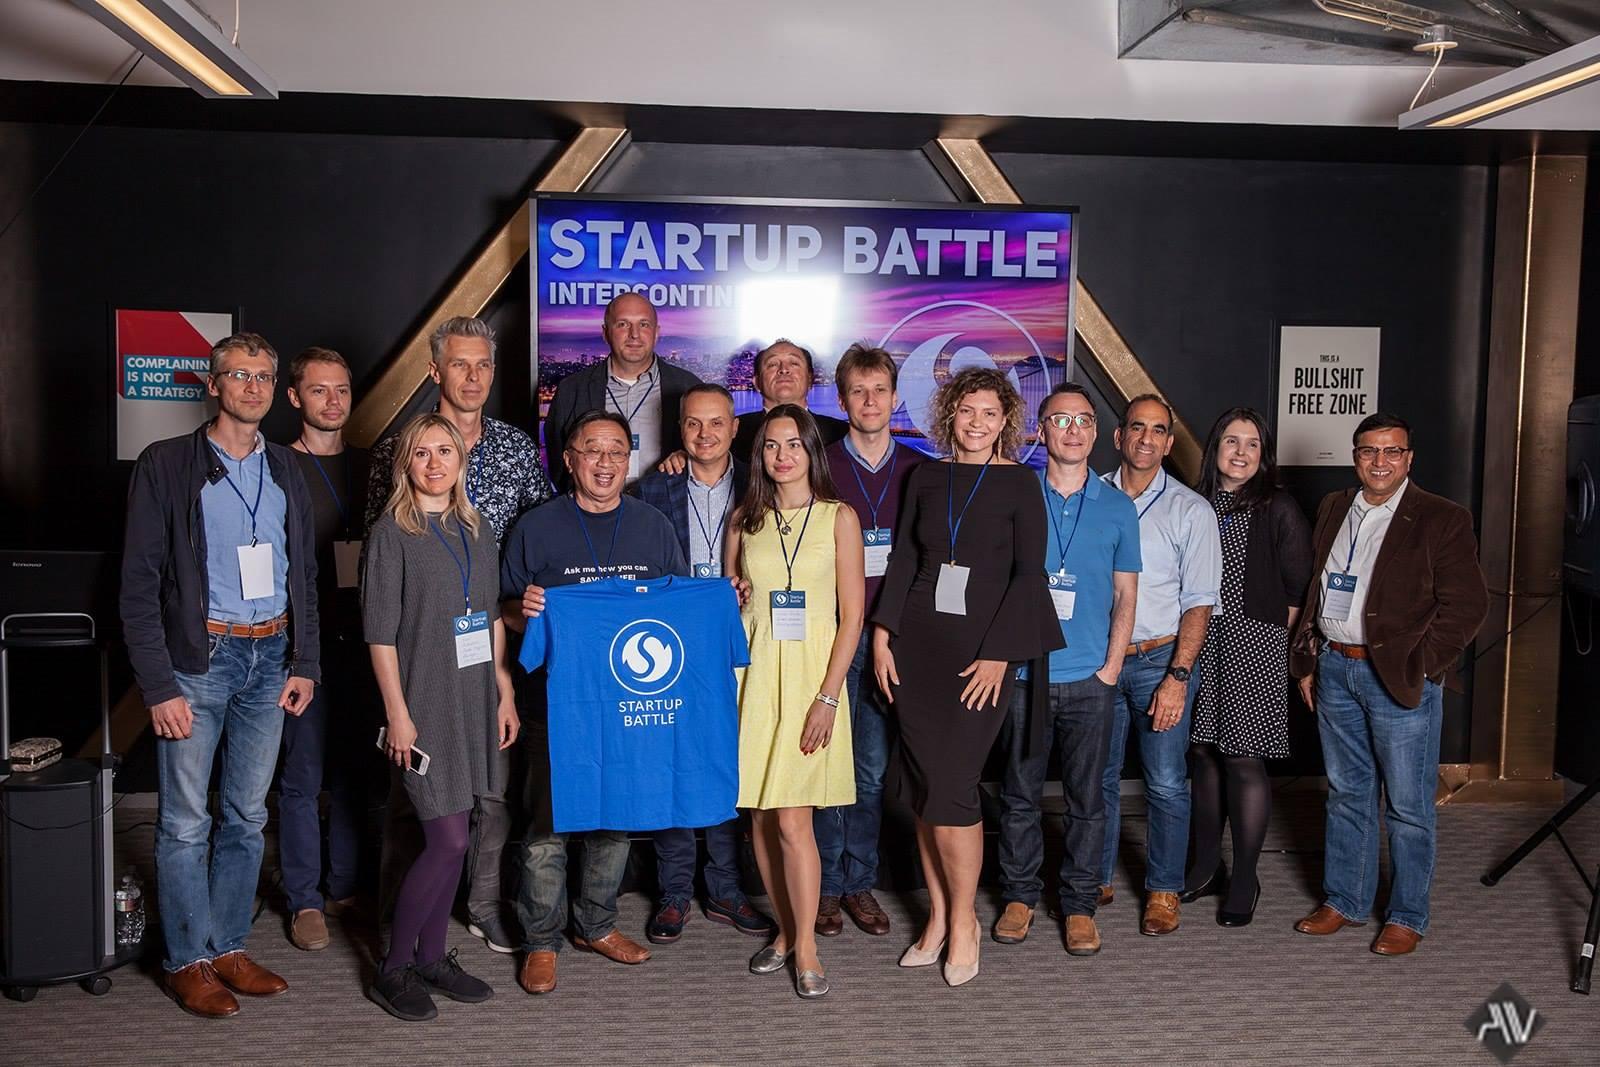 На Intercontinental Startup Battle в Сан-Франциско эксперты Startup.Network определили самый перспективный стартап